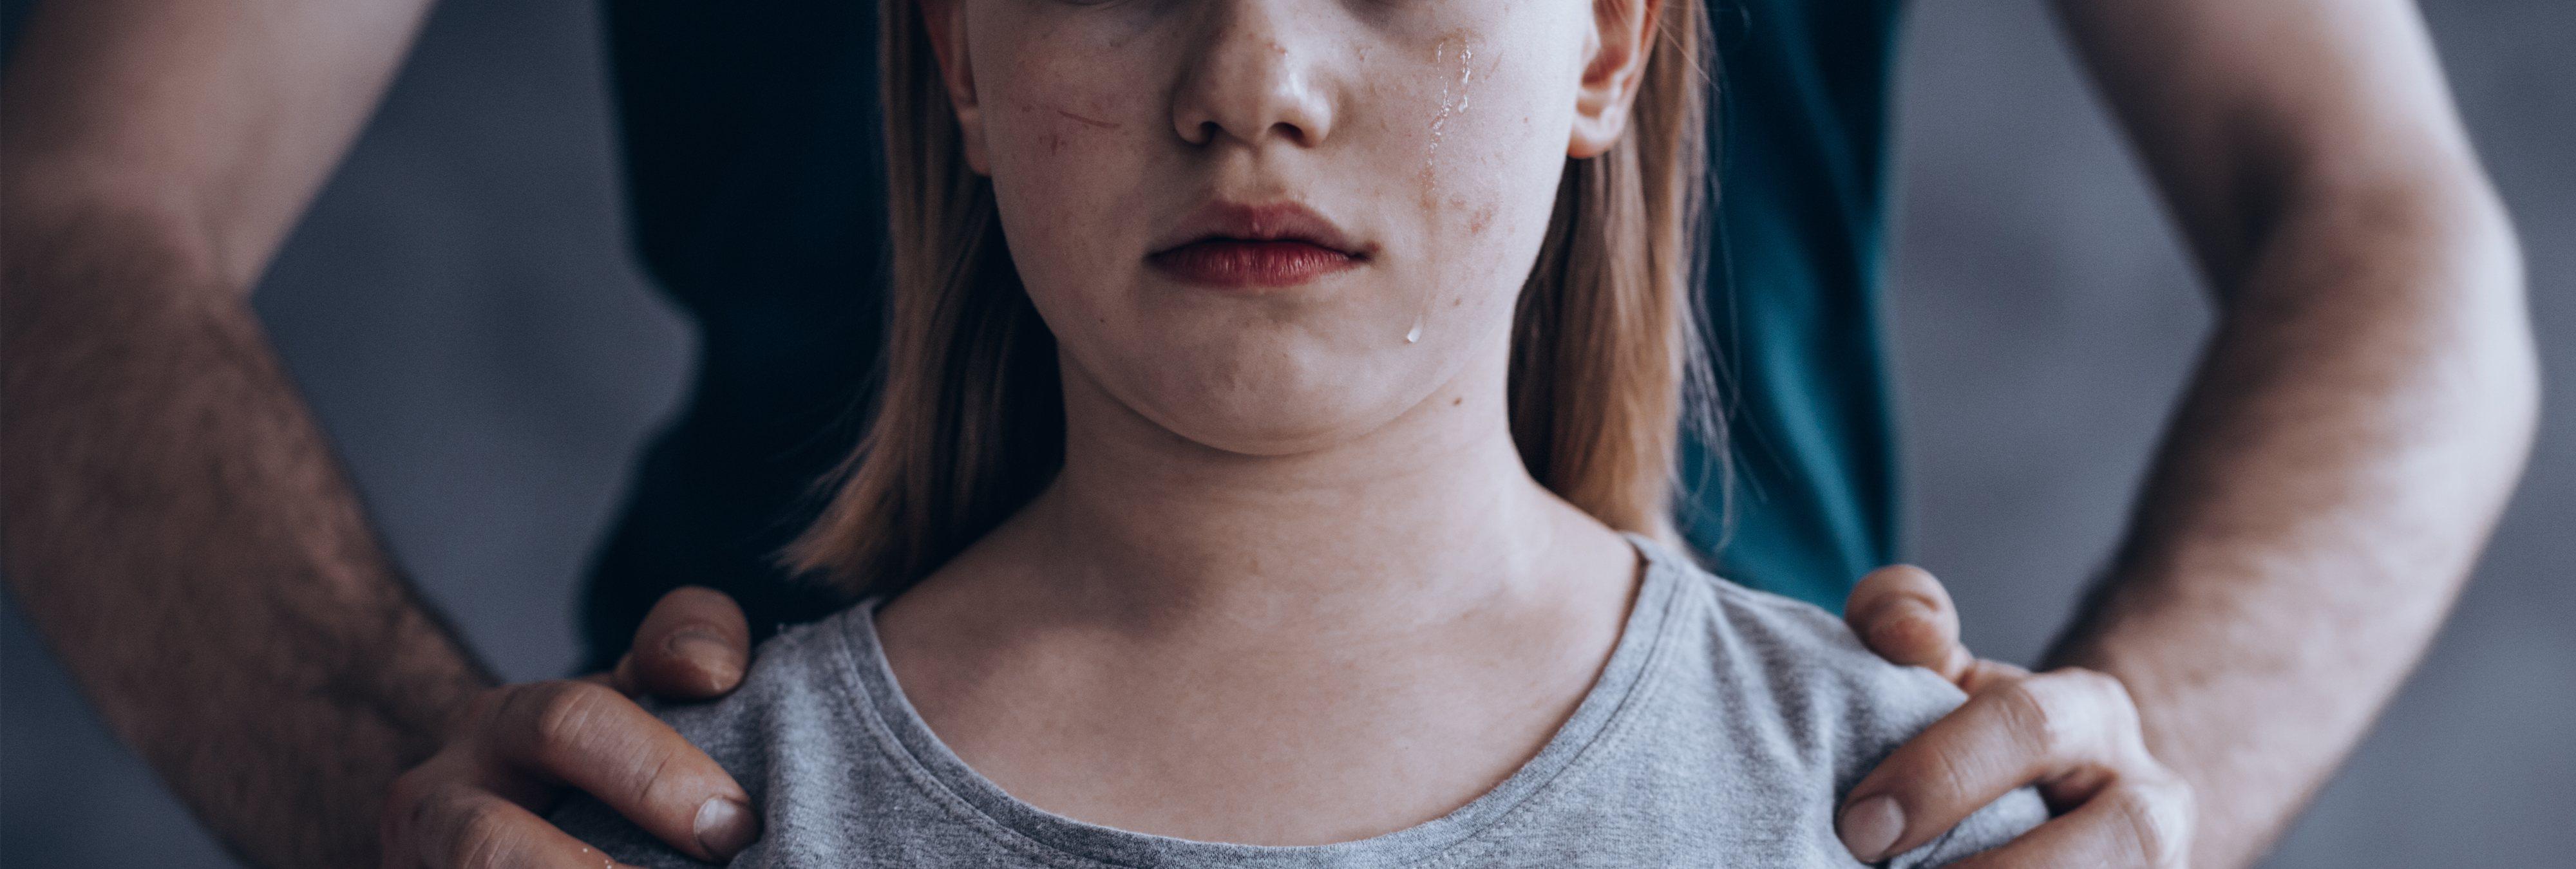 Una mujer vende la virginidad de su hija menor por 21.000 euros